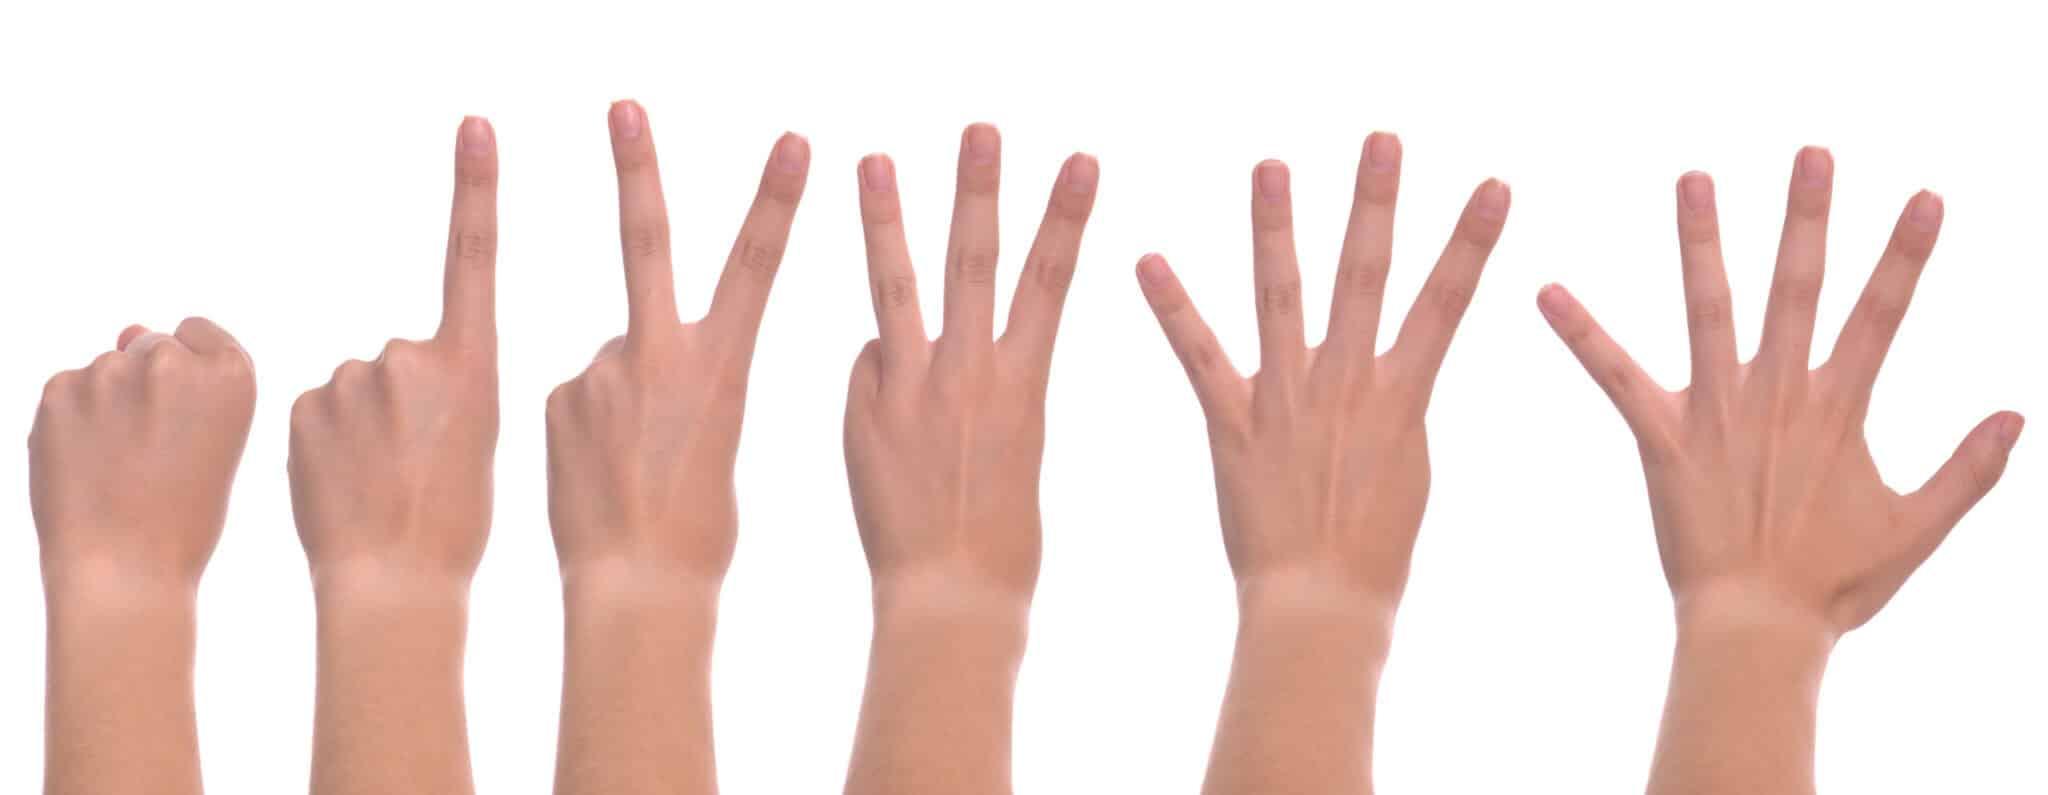 Почему у человека пять пальцев на руках и ногах